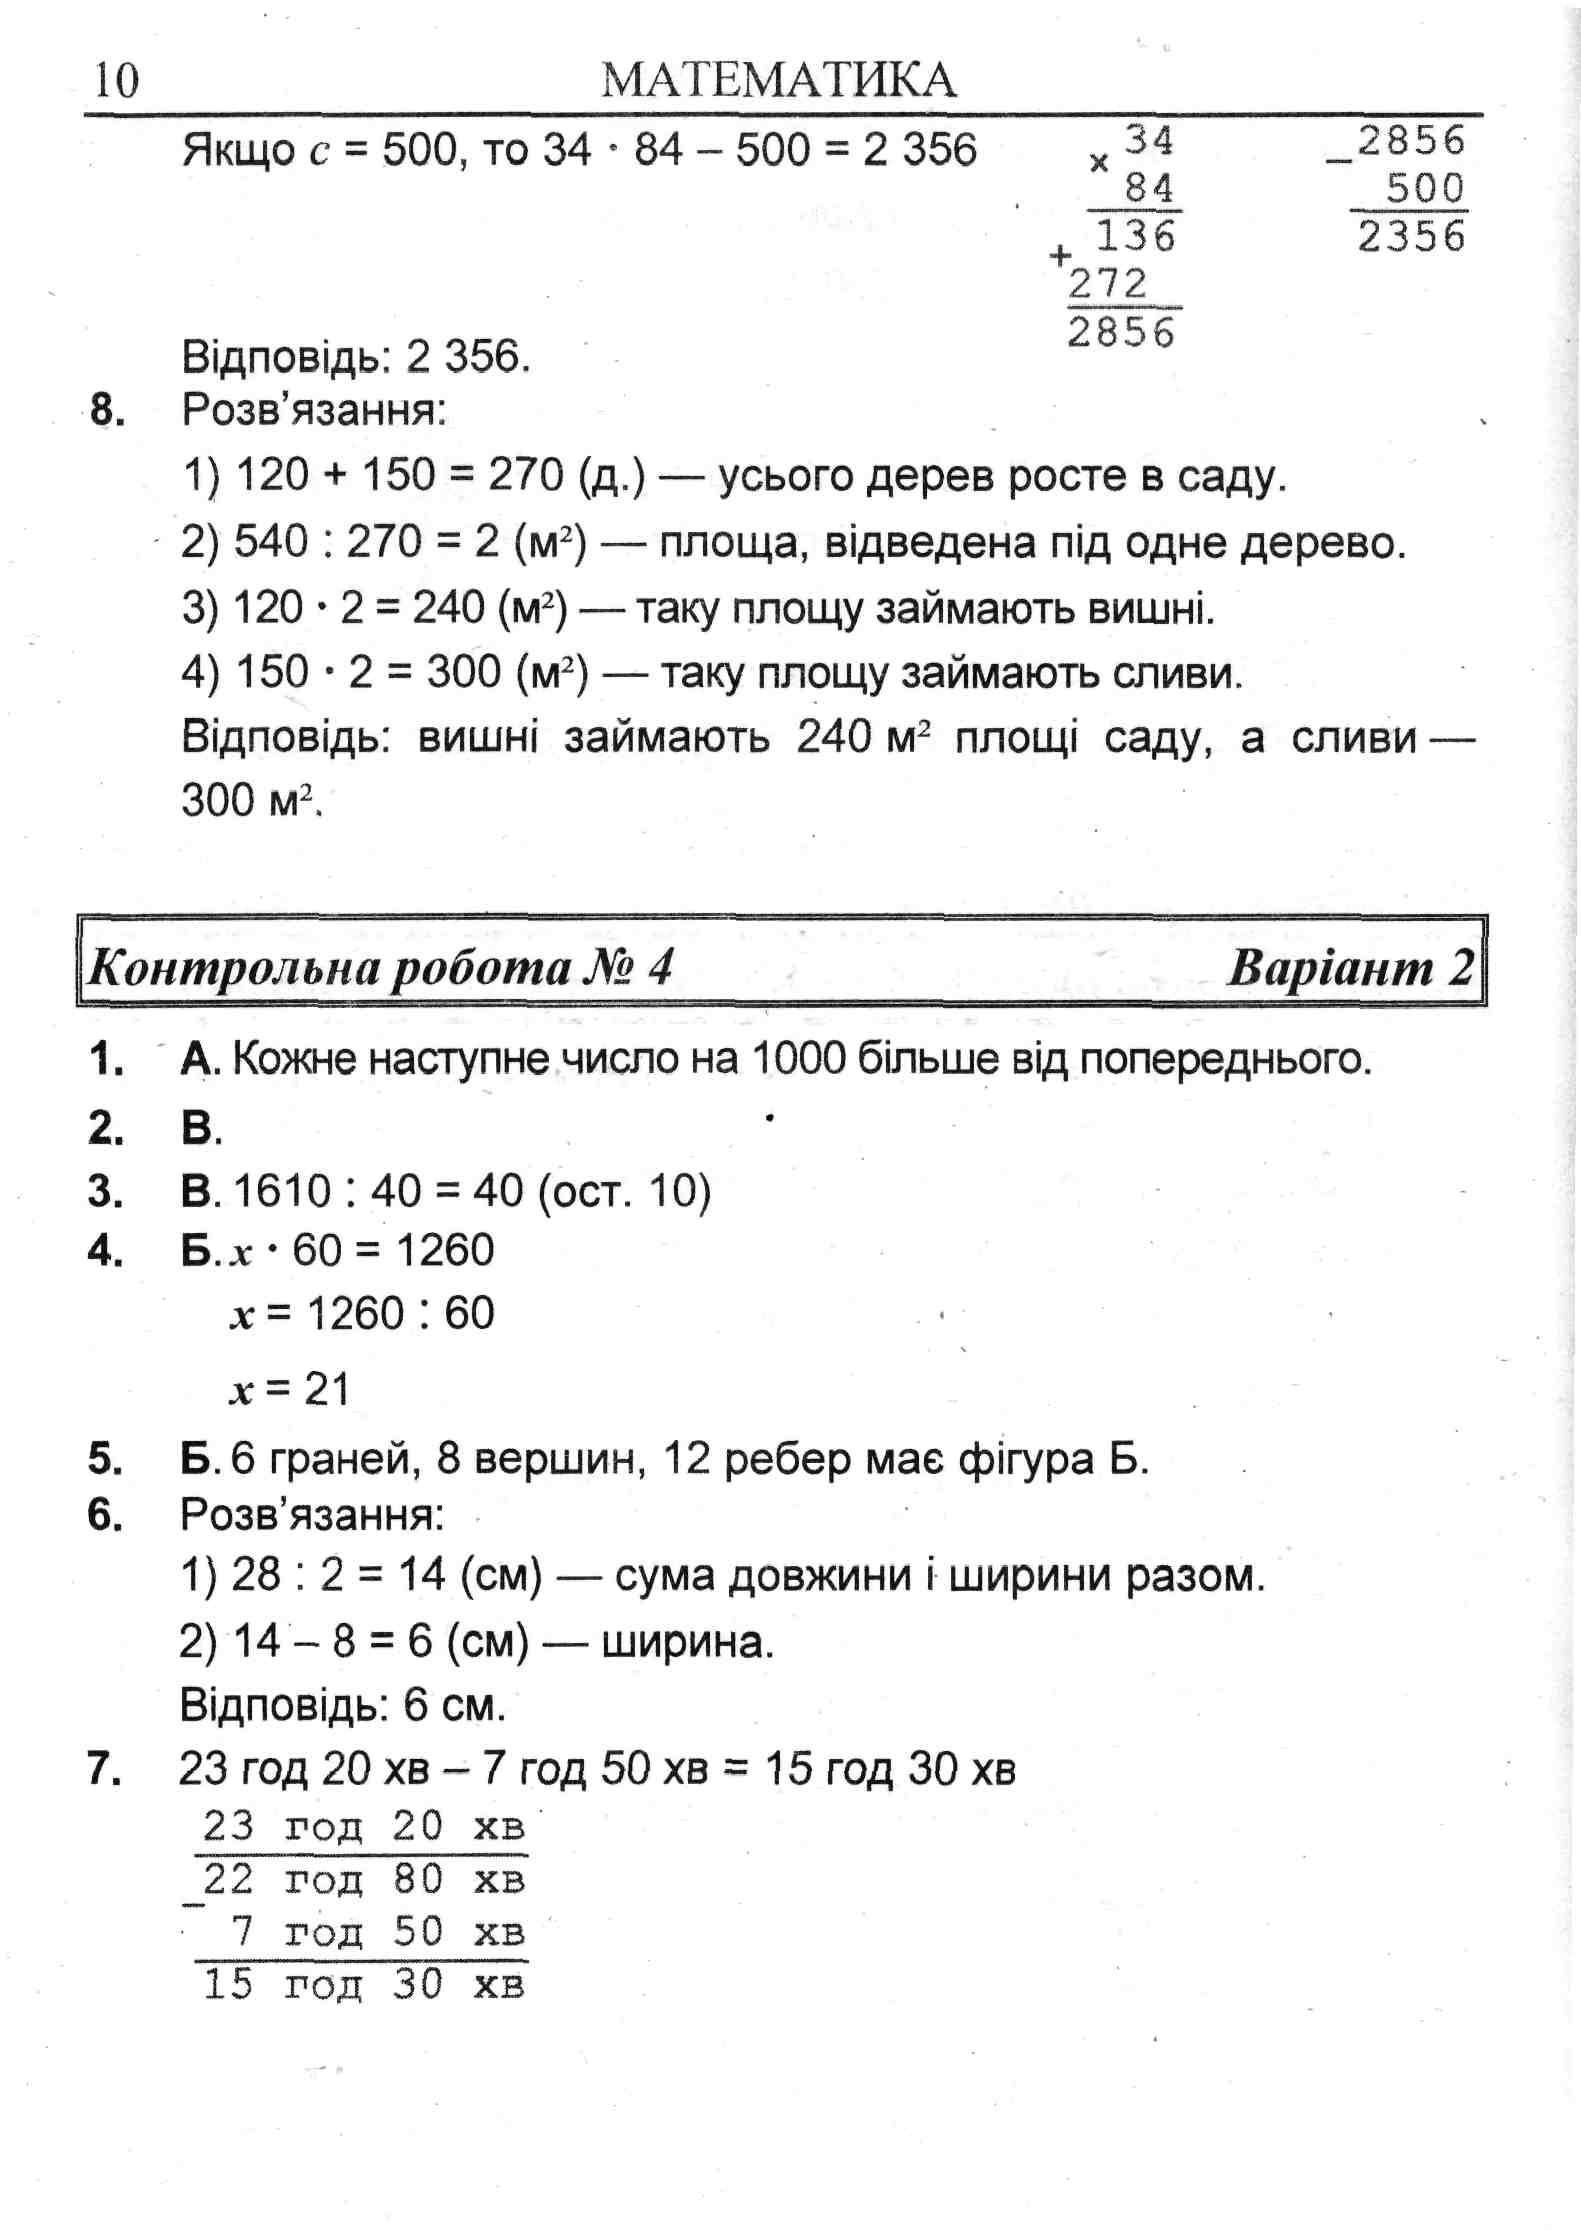 Скачивание без регистрации гдз по русскому языку 6 класс 1-2 часть львова львов